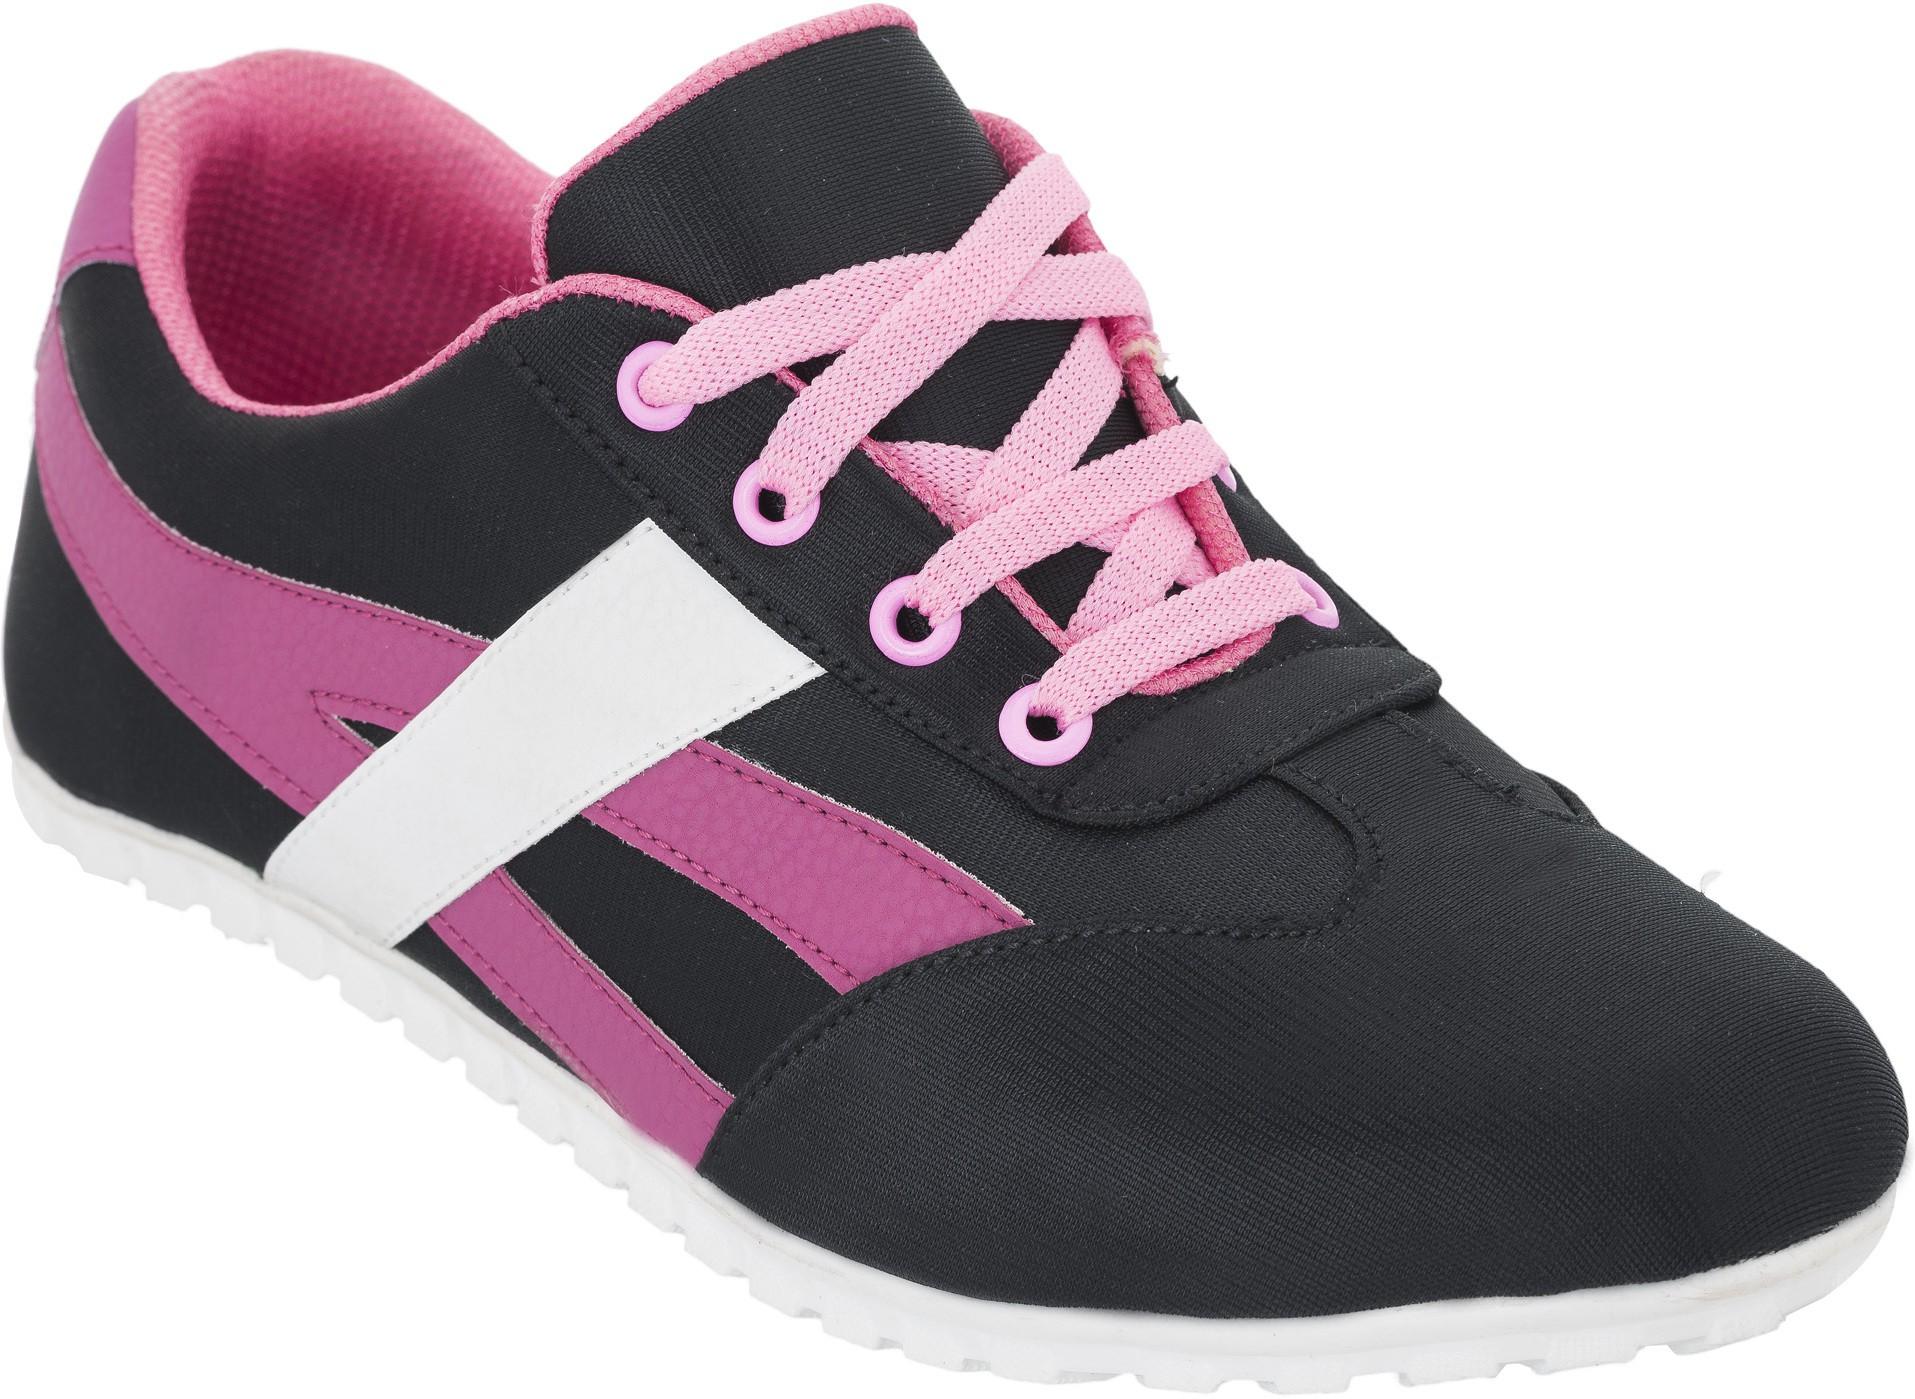 NE Shoes Canvas Shoes